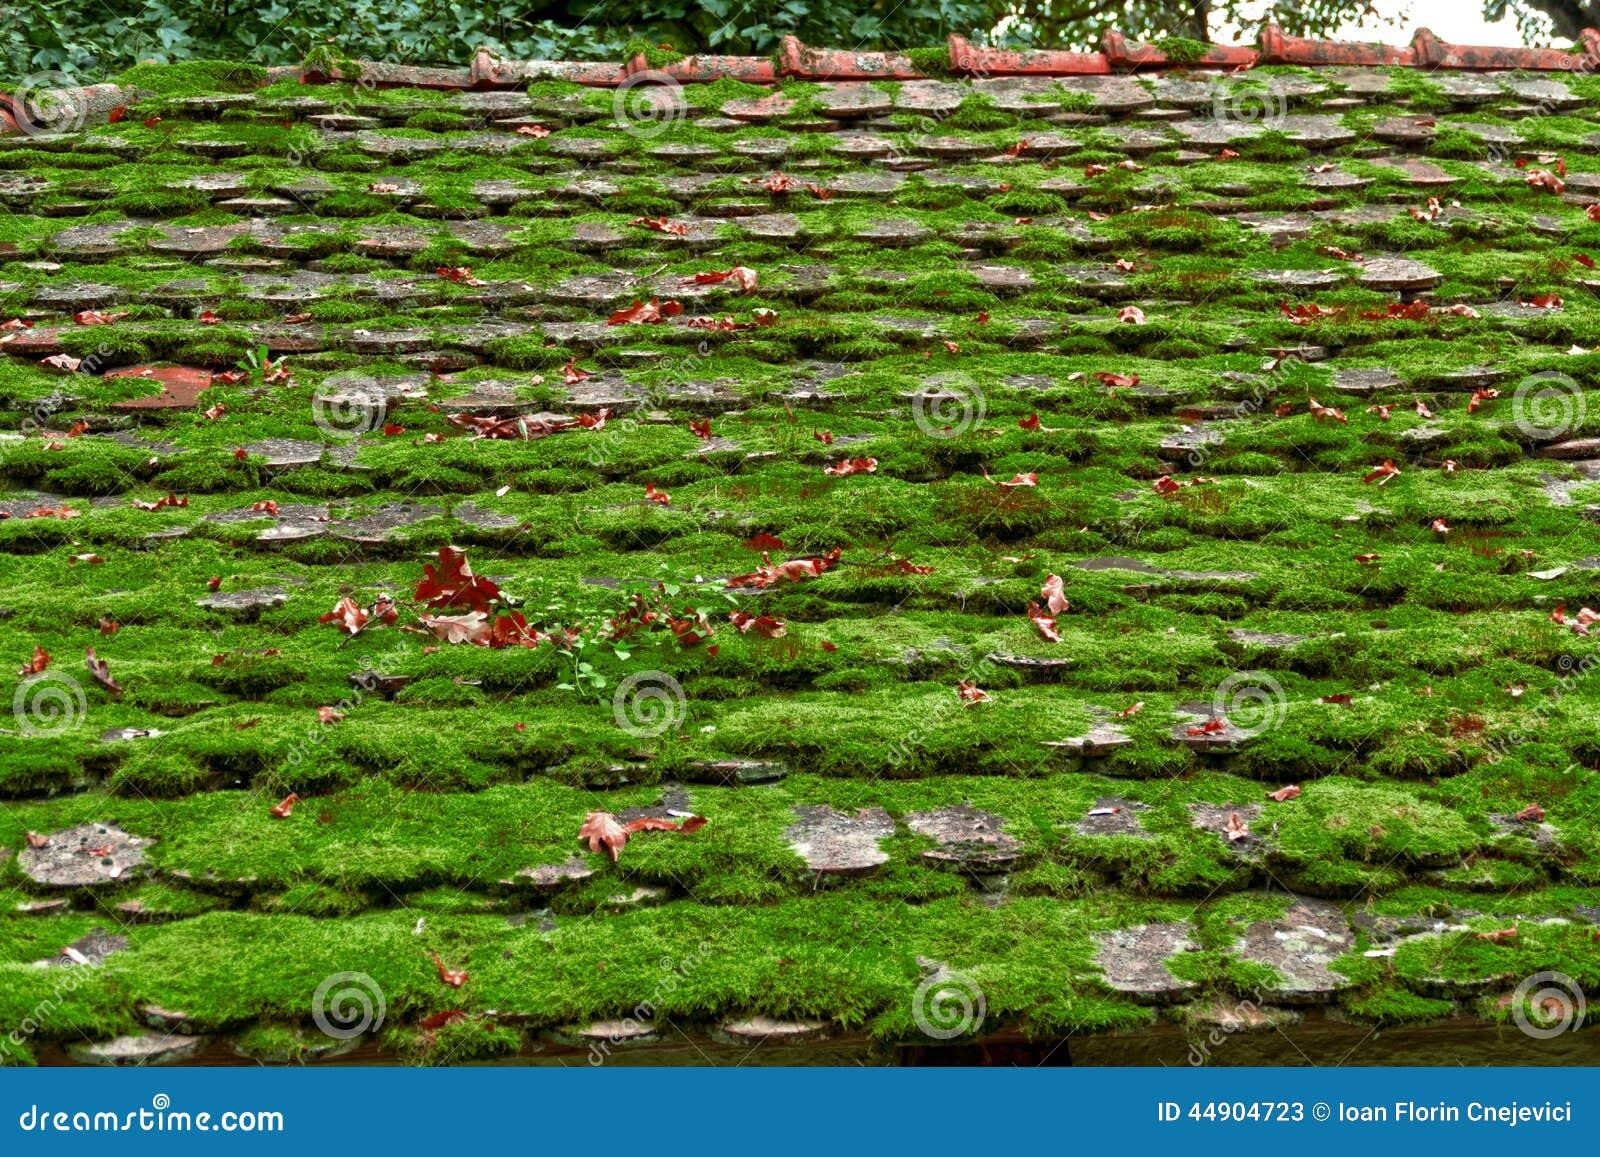 vieille ferme de toit couverte de la mousse verte image stock image du wooden herbe 44904723. Black Bedroom Furniture Sets. Home Design Ideas